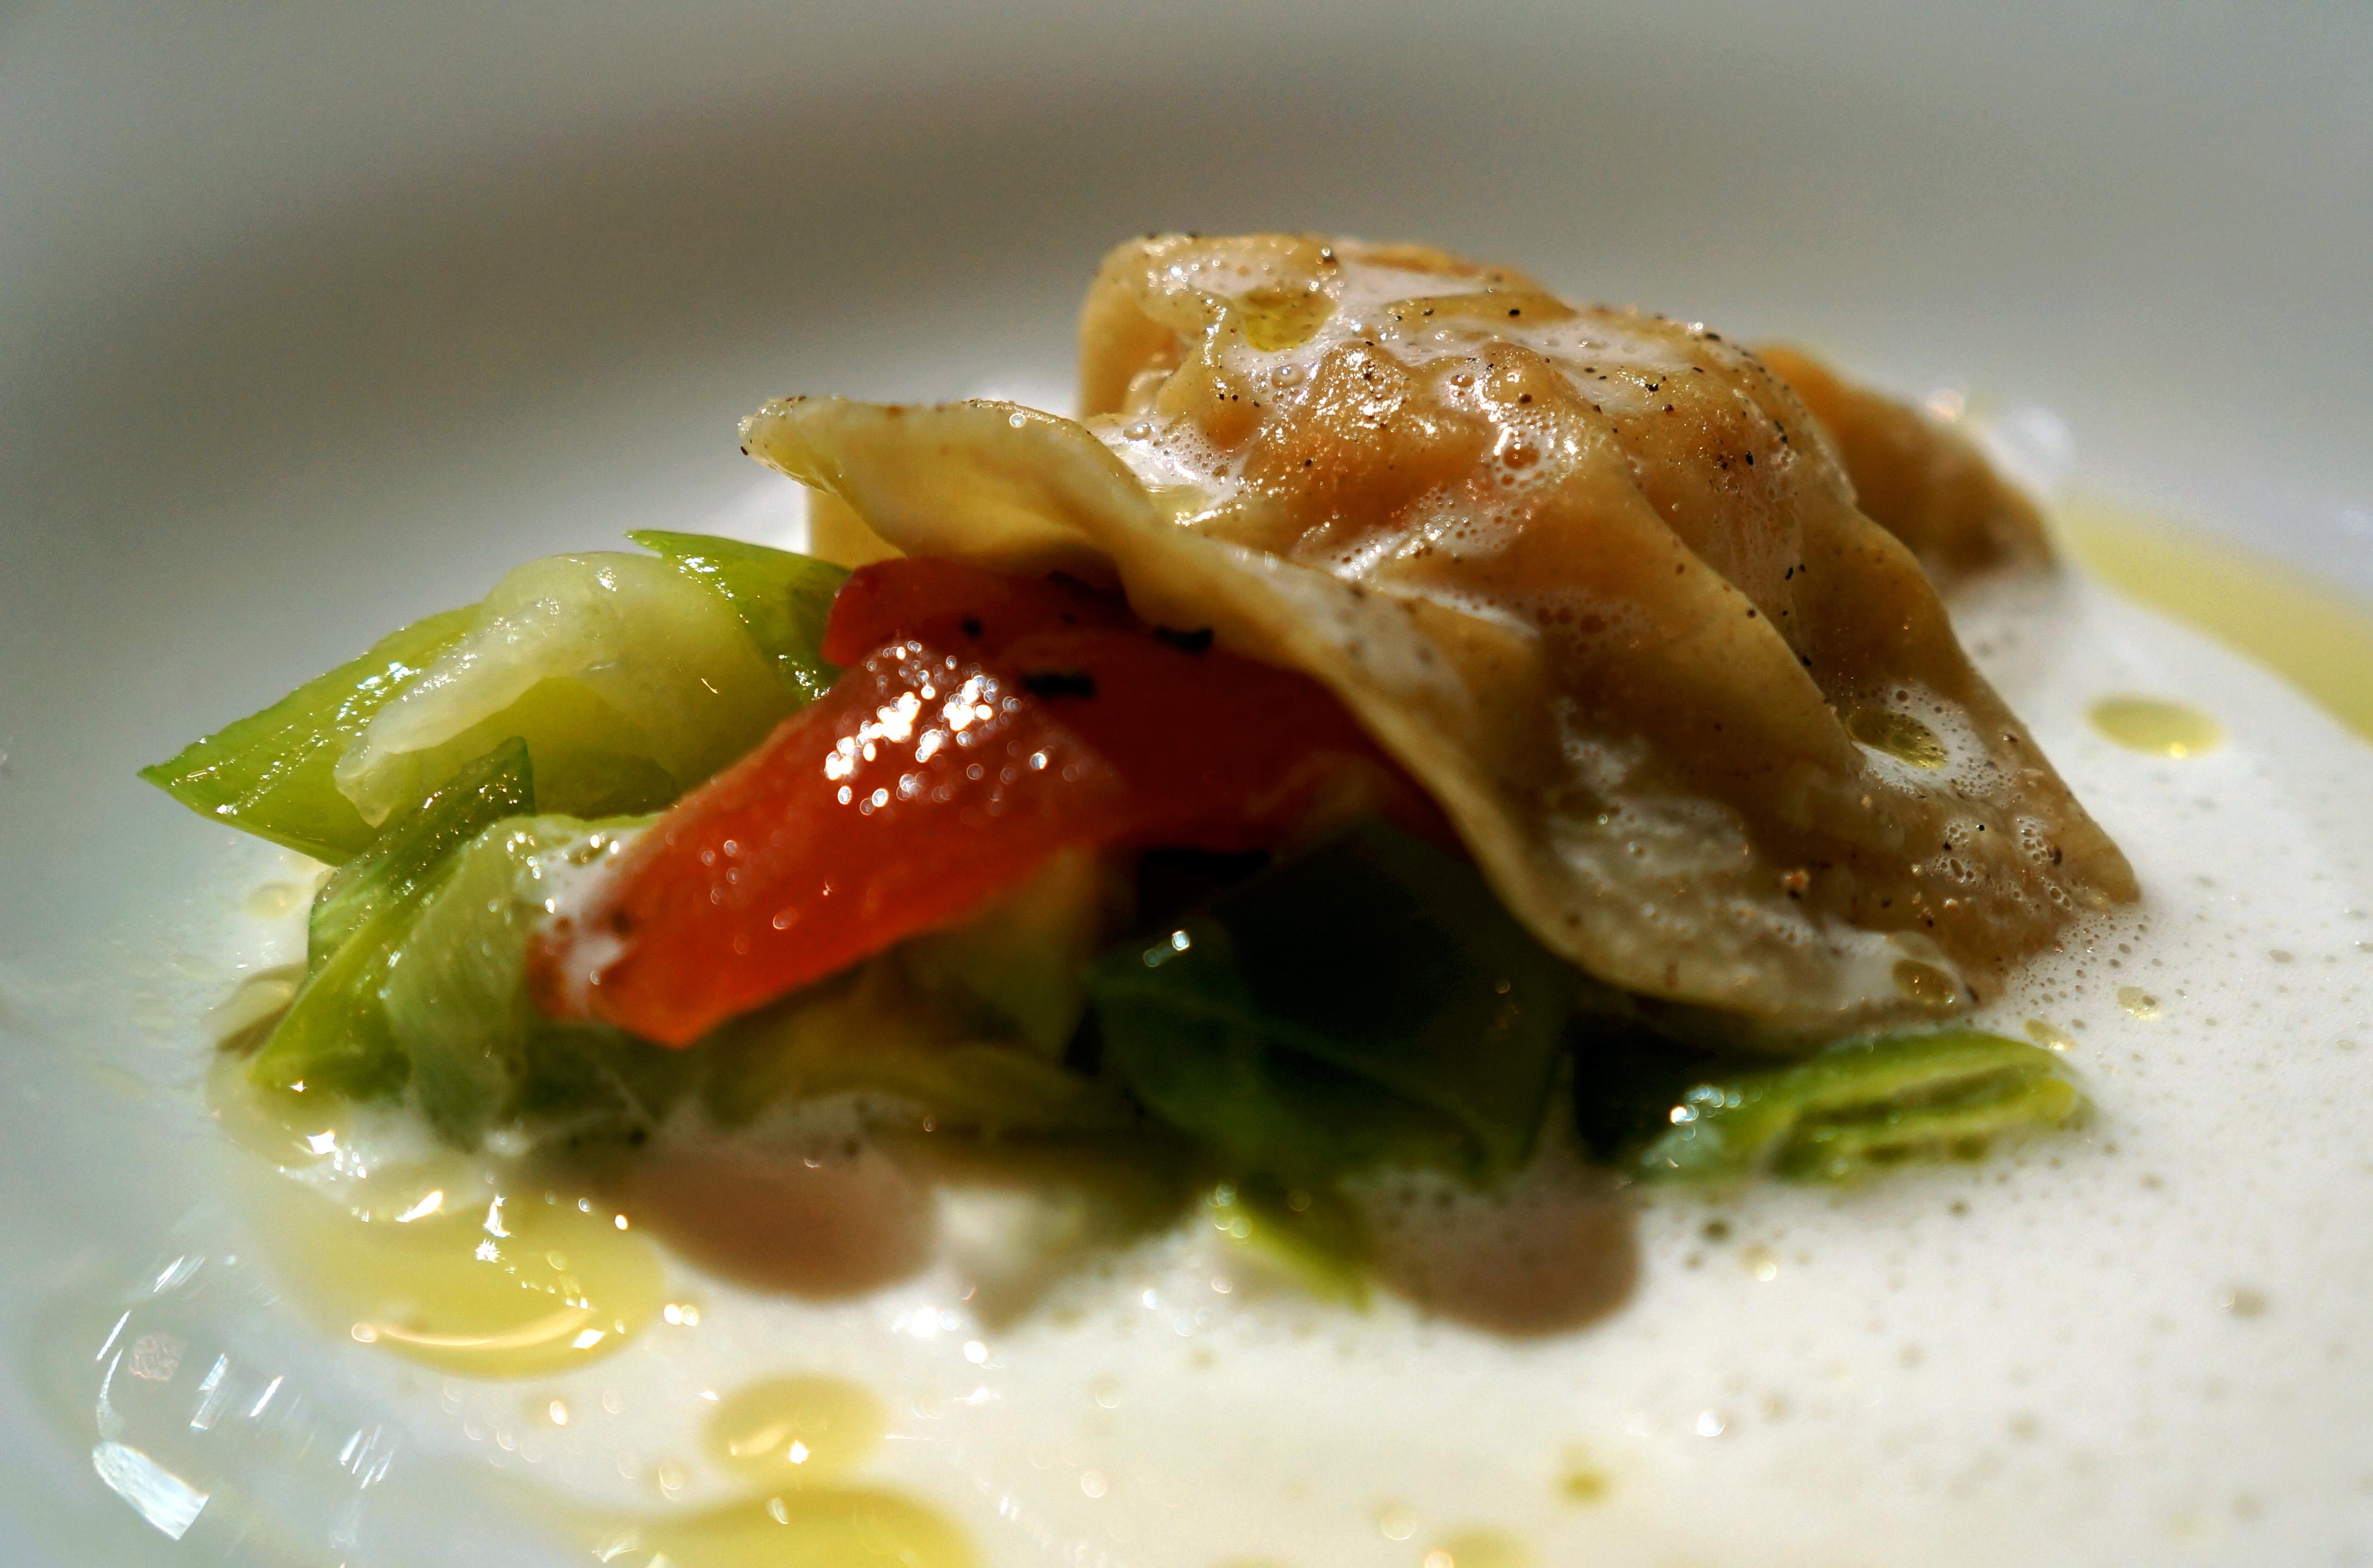 blanširani domaći ravioli pujeni mesom jastoga, pena od parmezana